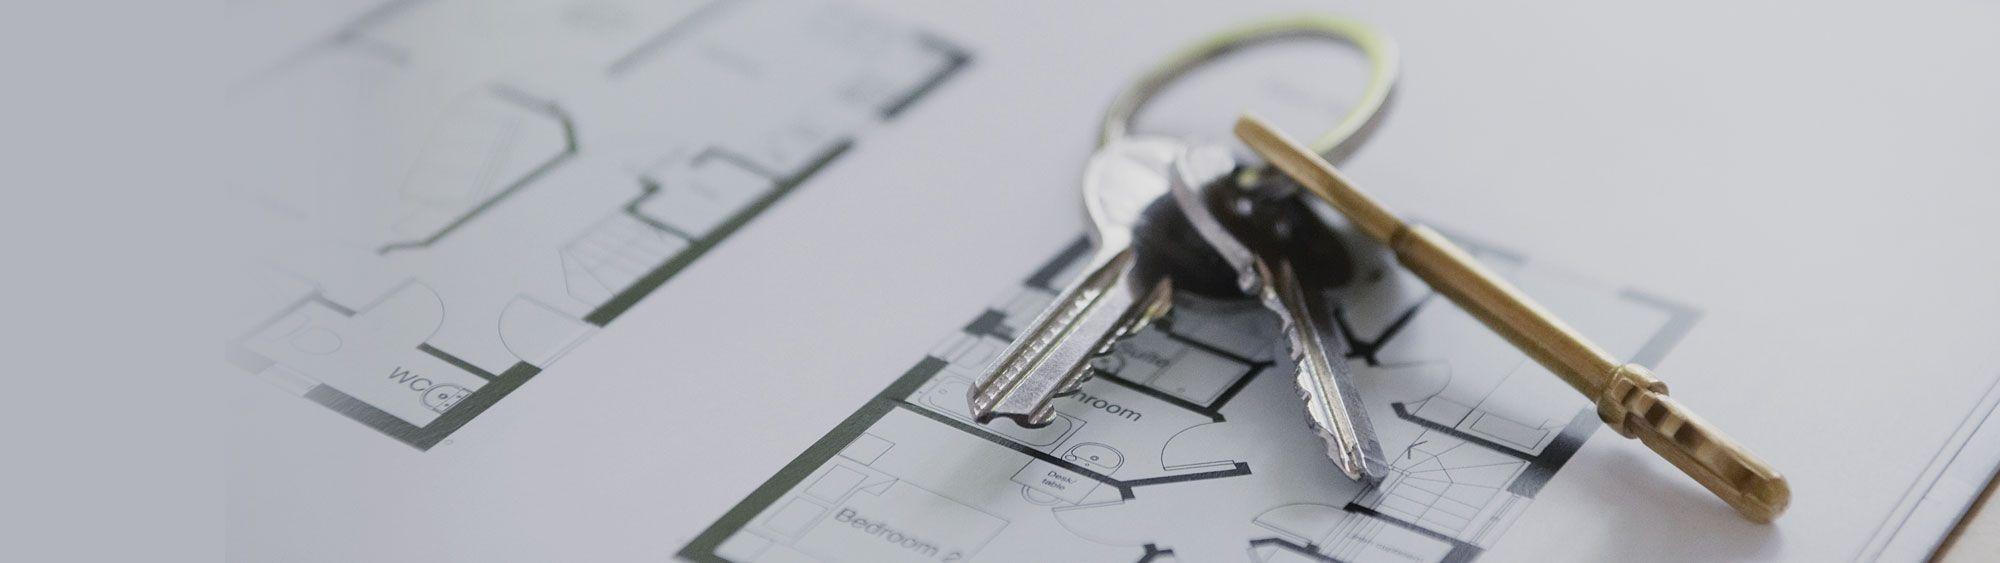 Bild von Schlüsseln auf Grundriss